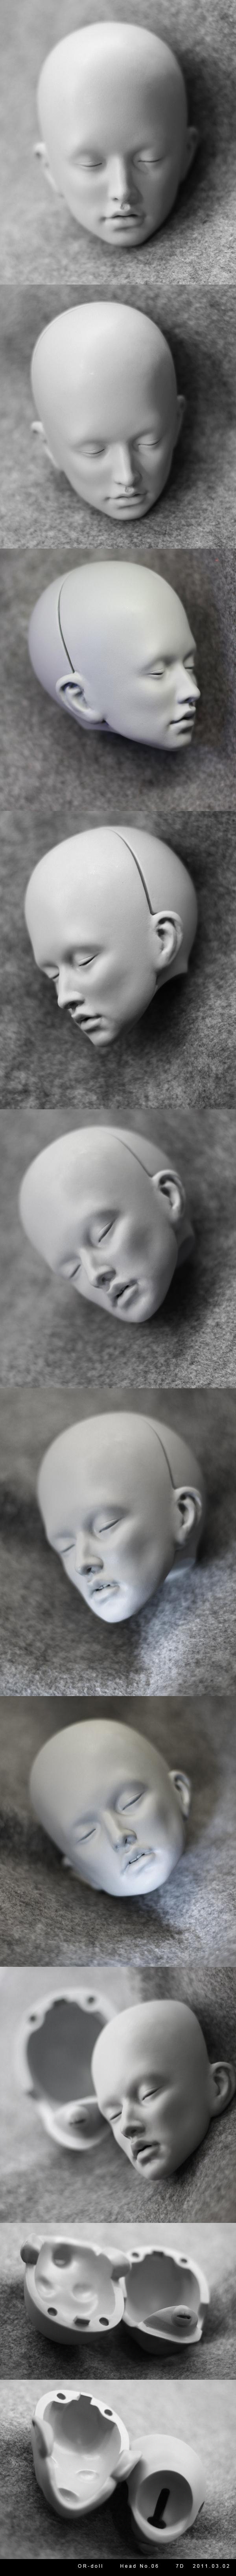 名字还没起,总之是做好了 - 碎花格子 - OR-doll